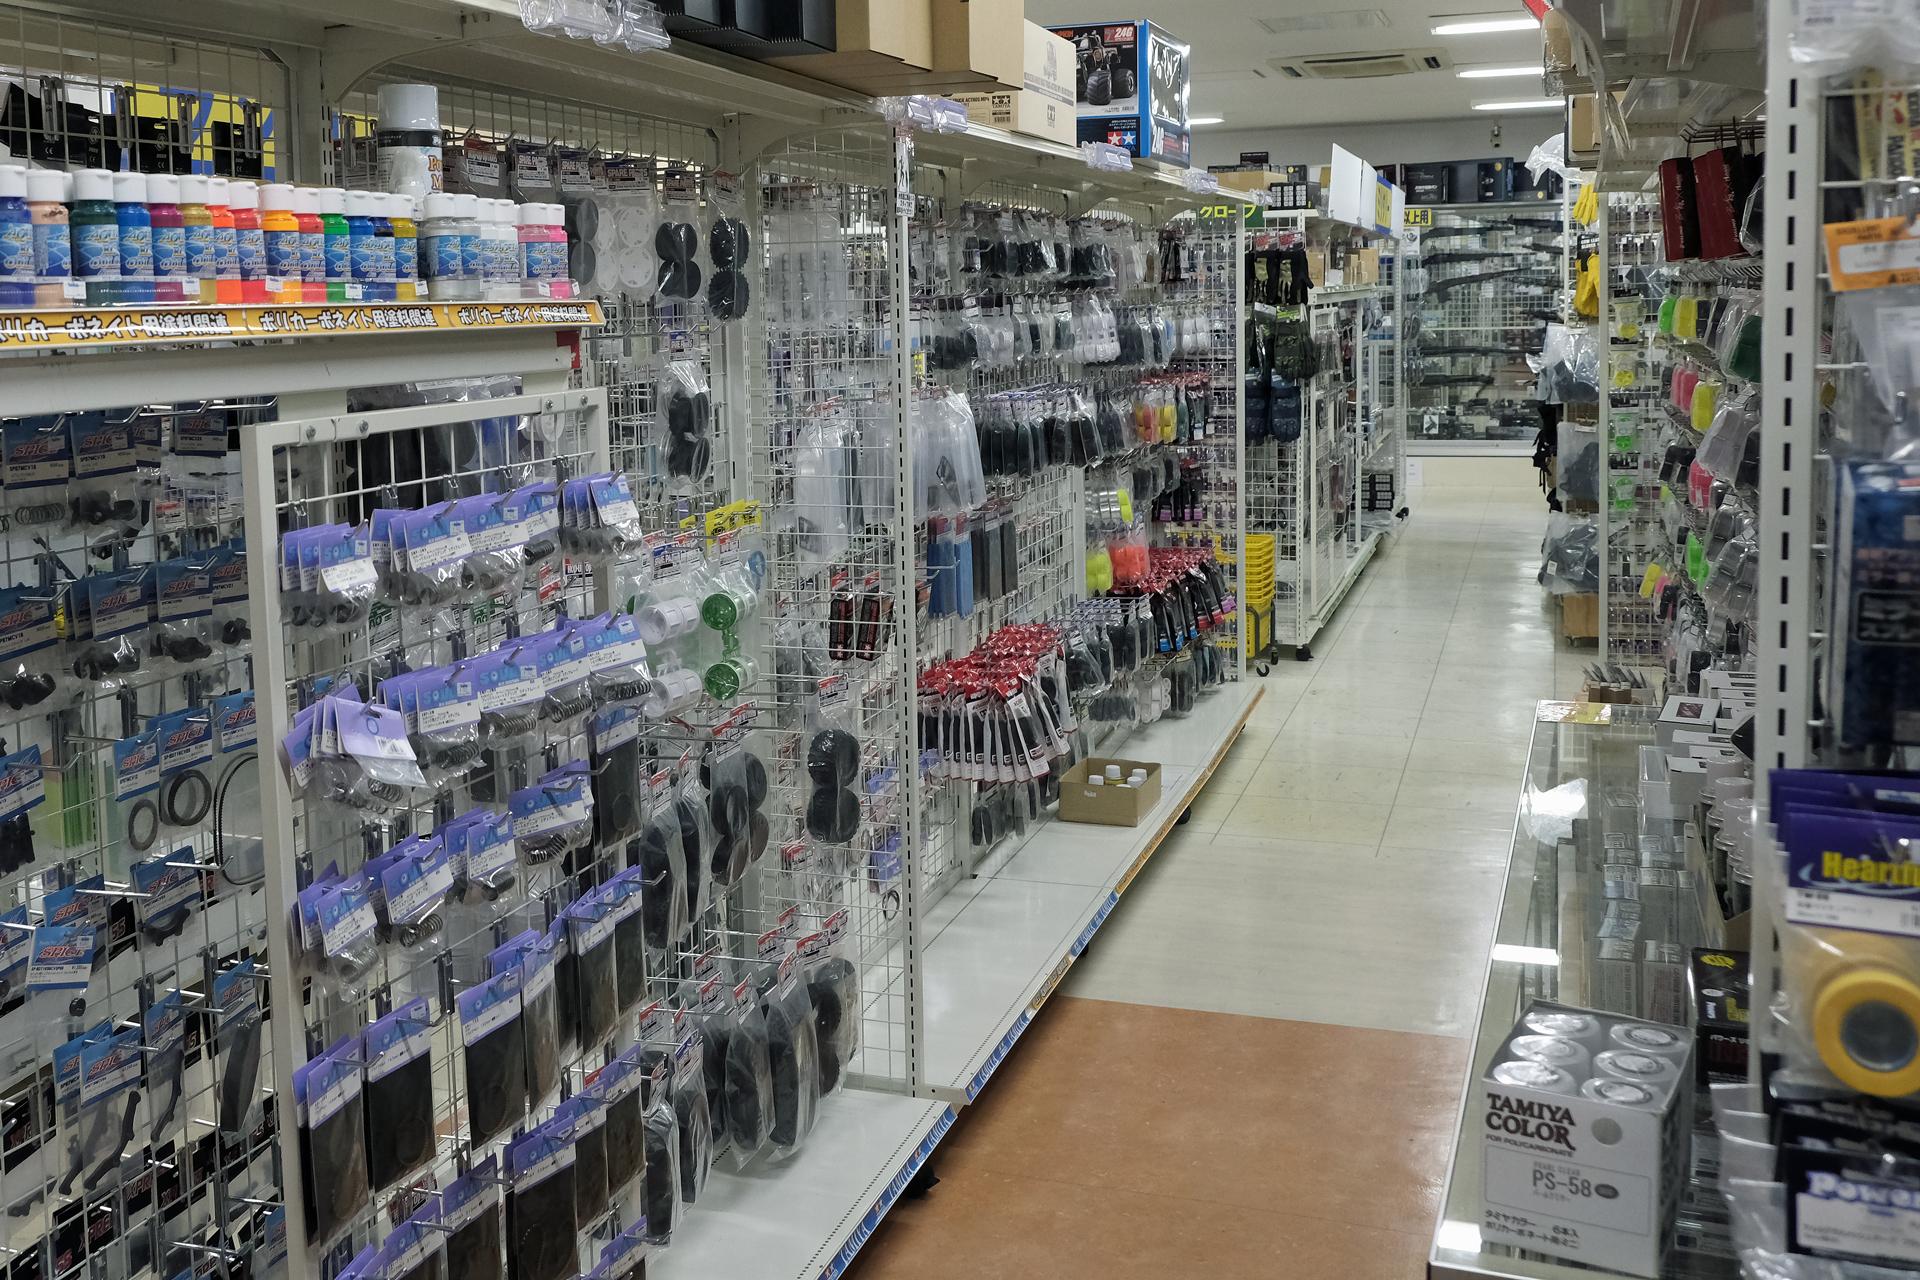 広い店内に豊富な在庫が揃っている